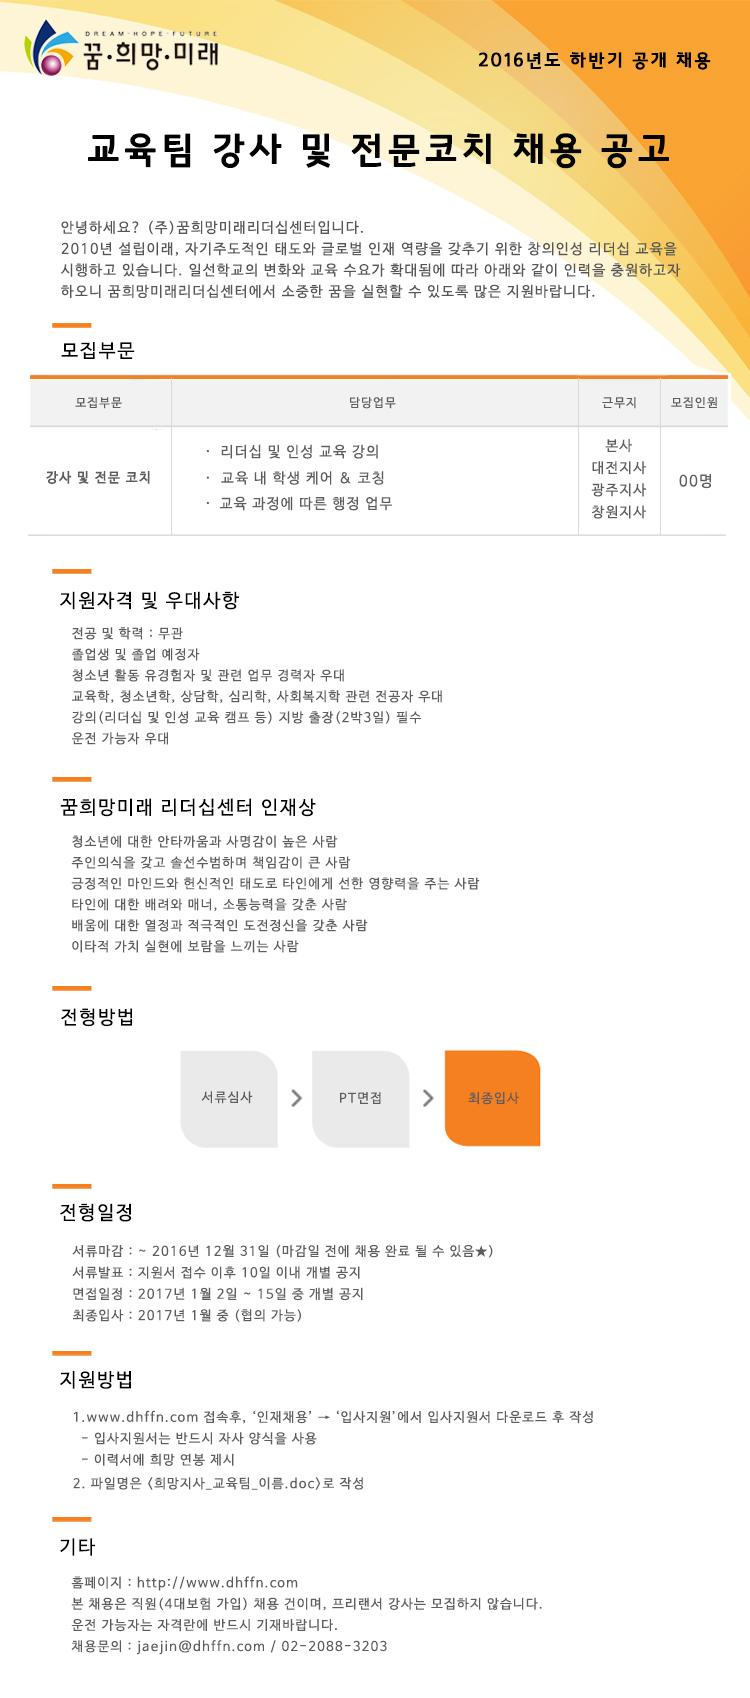 02-2 연장채용공고(16공채)